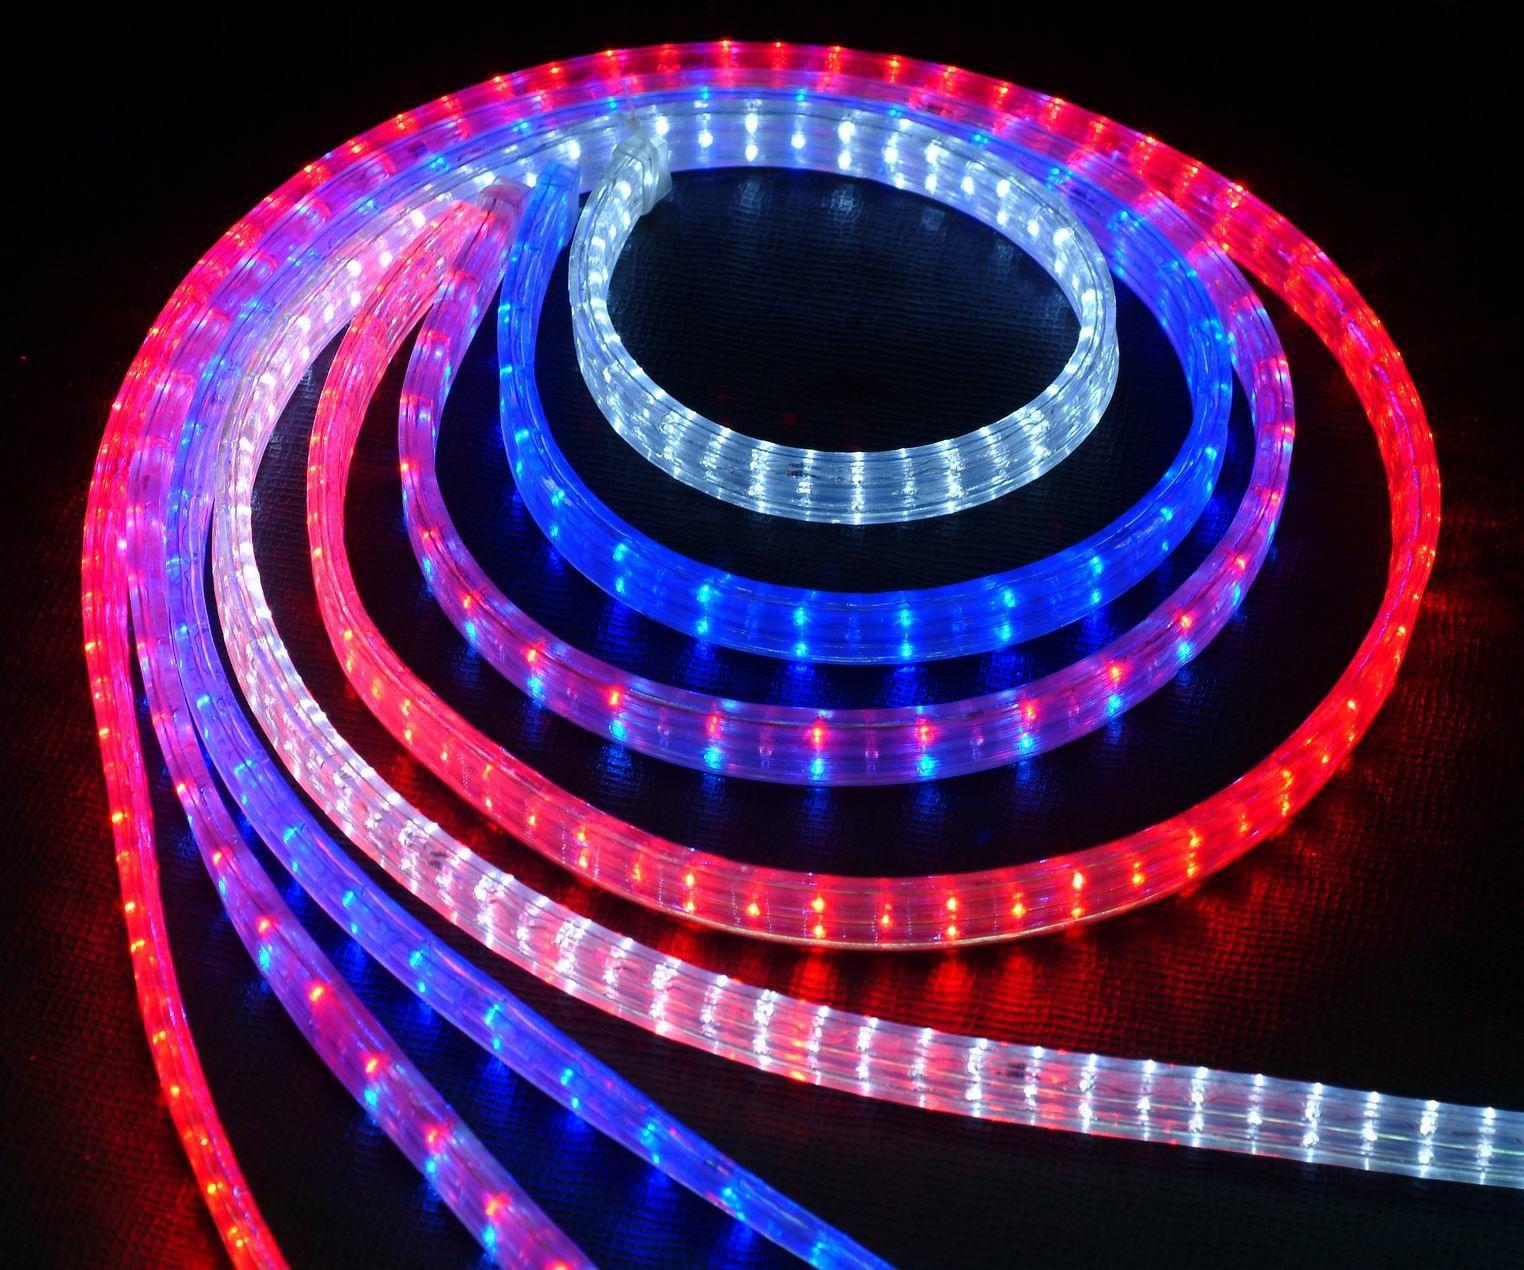 Led rope light george kalta led lighting pinterest rope led rope light mozeypictures Images